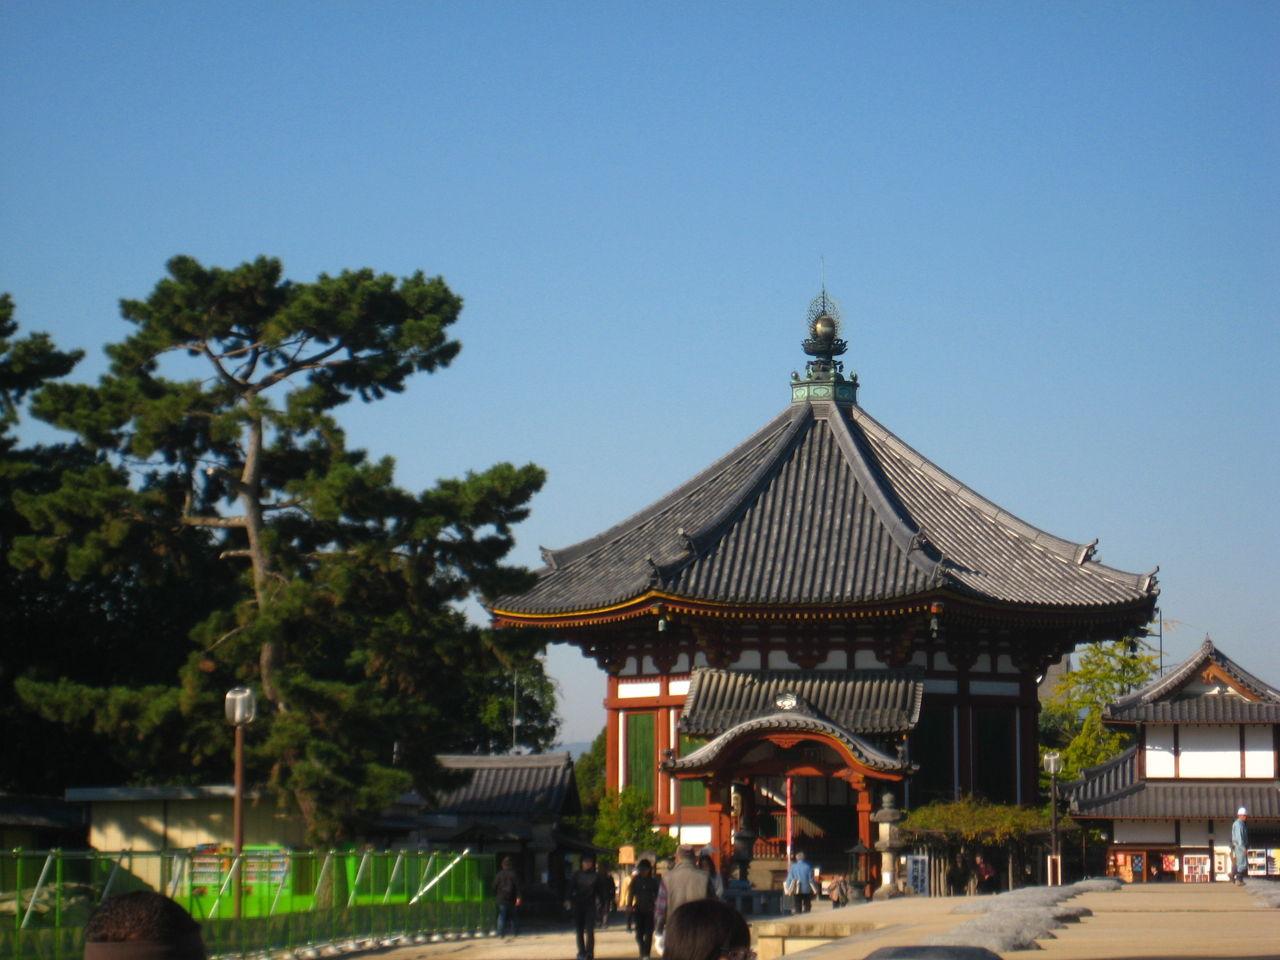 興福寺北円堂秋季特別公開11月7日で終わりました